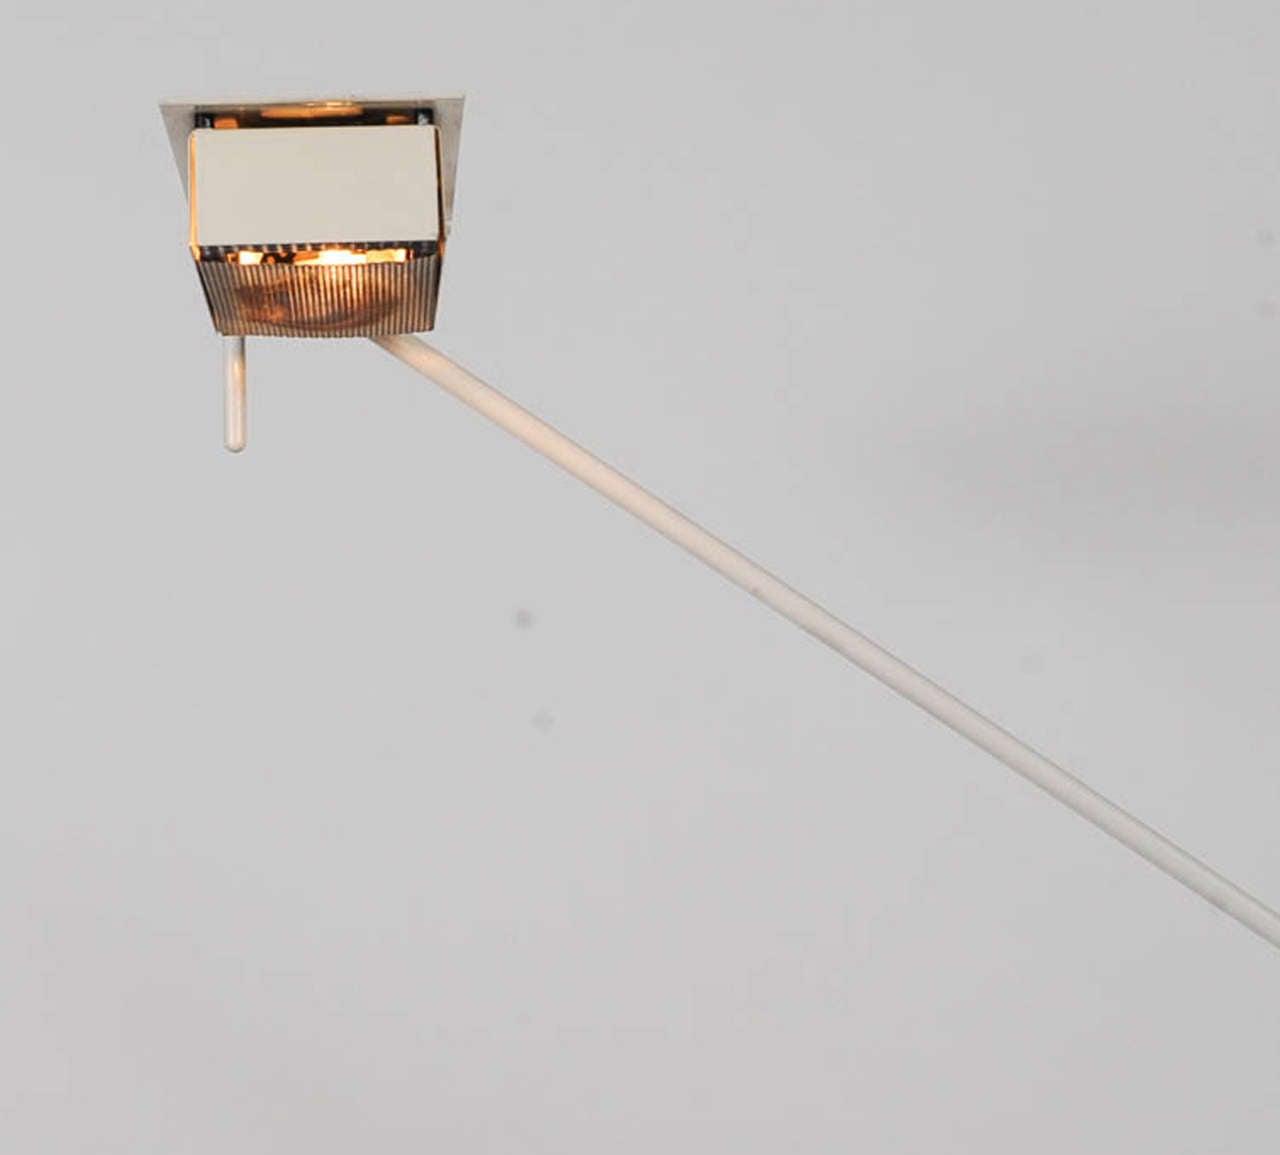 1970s Adjustable Floor Lamp by Stilnovo In Good Condition For Sale In Doornspijk, NL